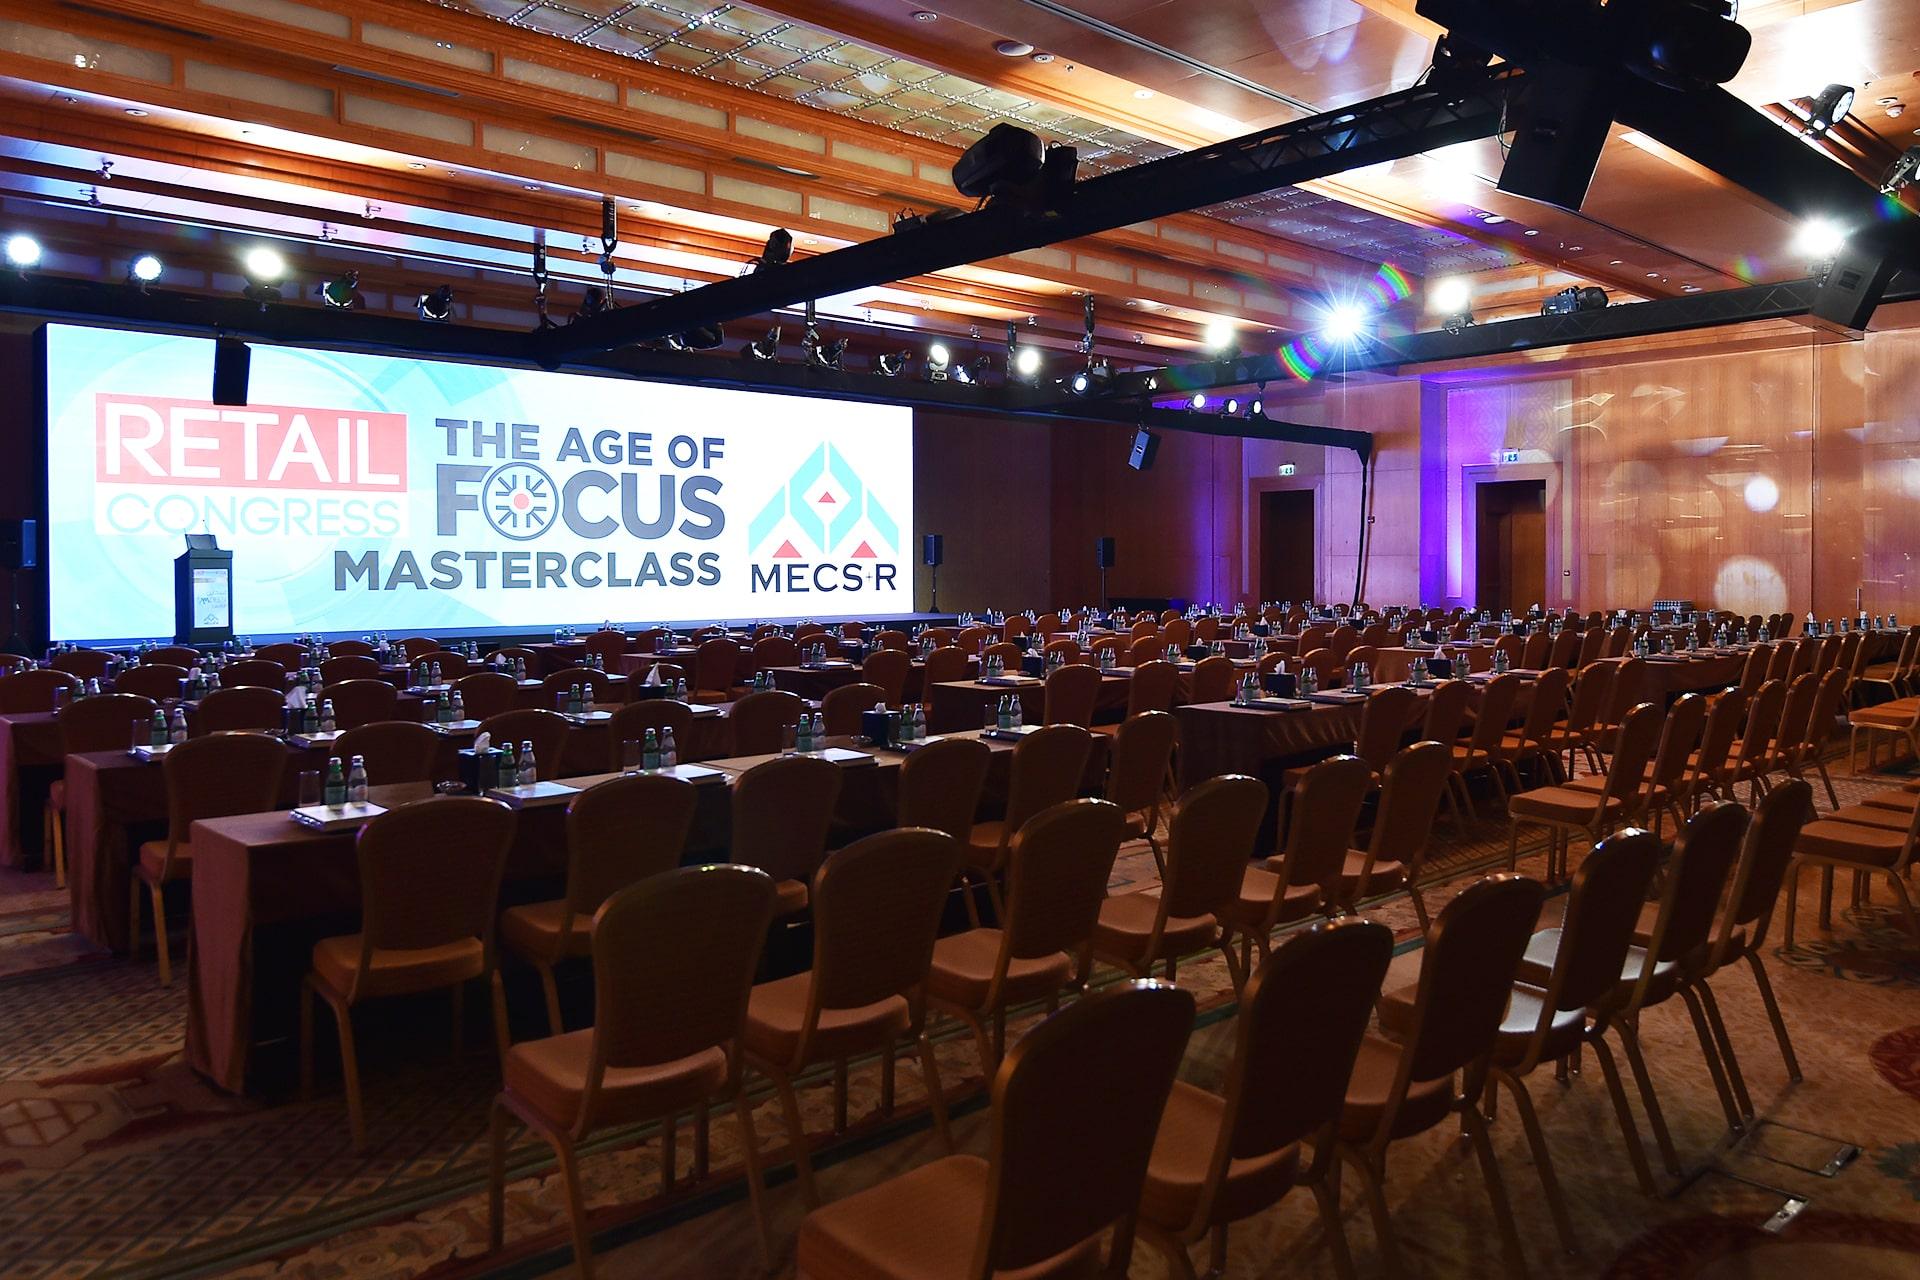 Retail Congress MENA 2019 Event – The Age of Focus